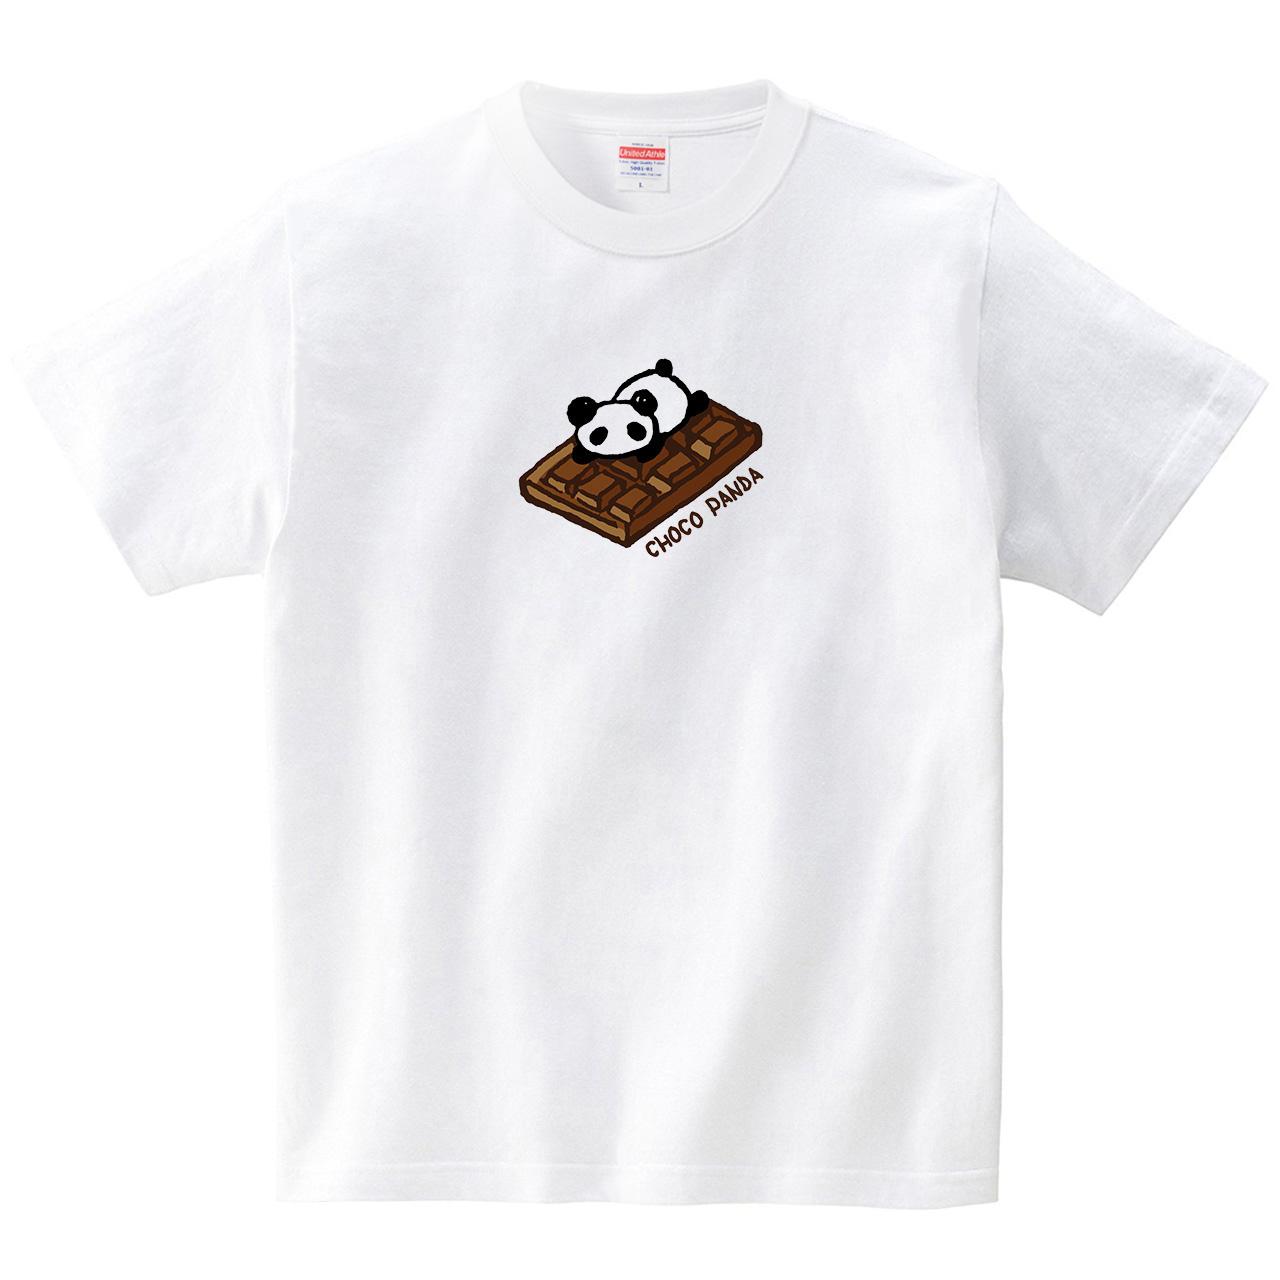 チョコパンダ(Tシャツ・ホワイト)(あずき*)